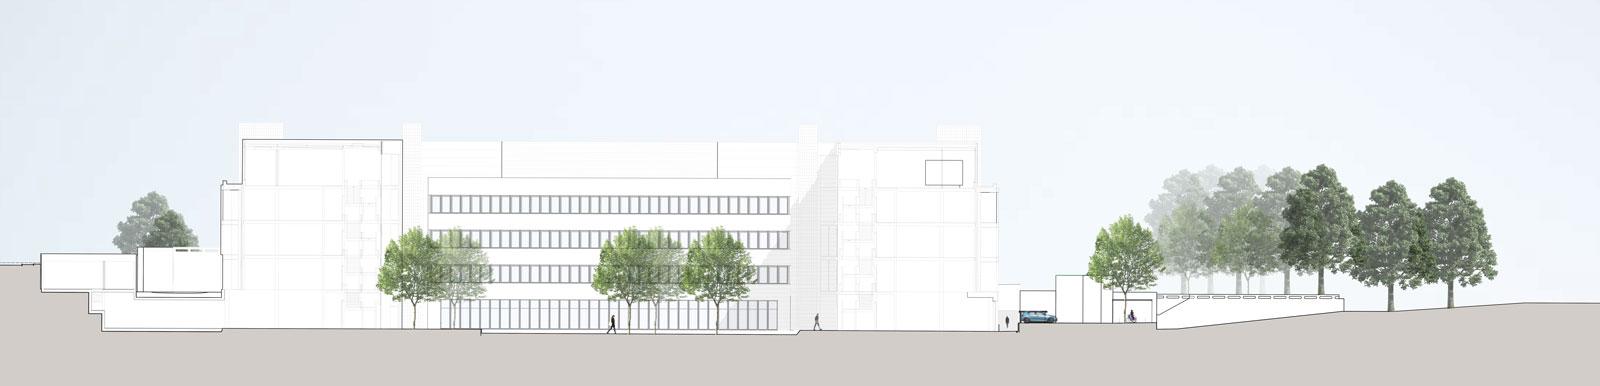 Freie Universität Berlin Sanierung Freianlagen Armbruster